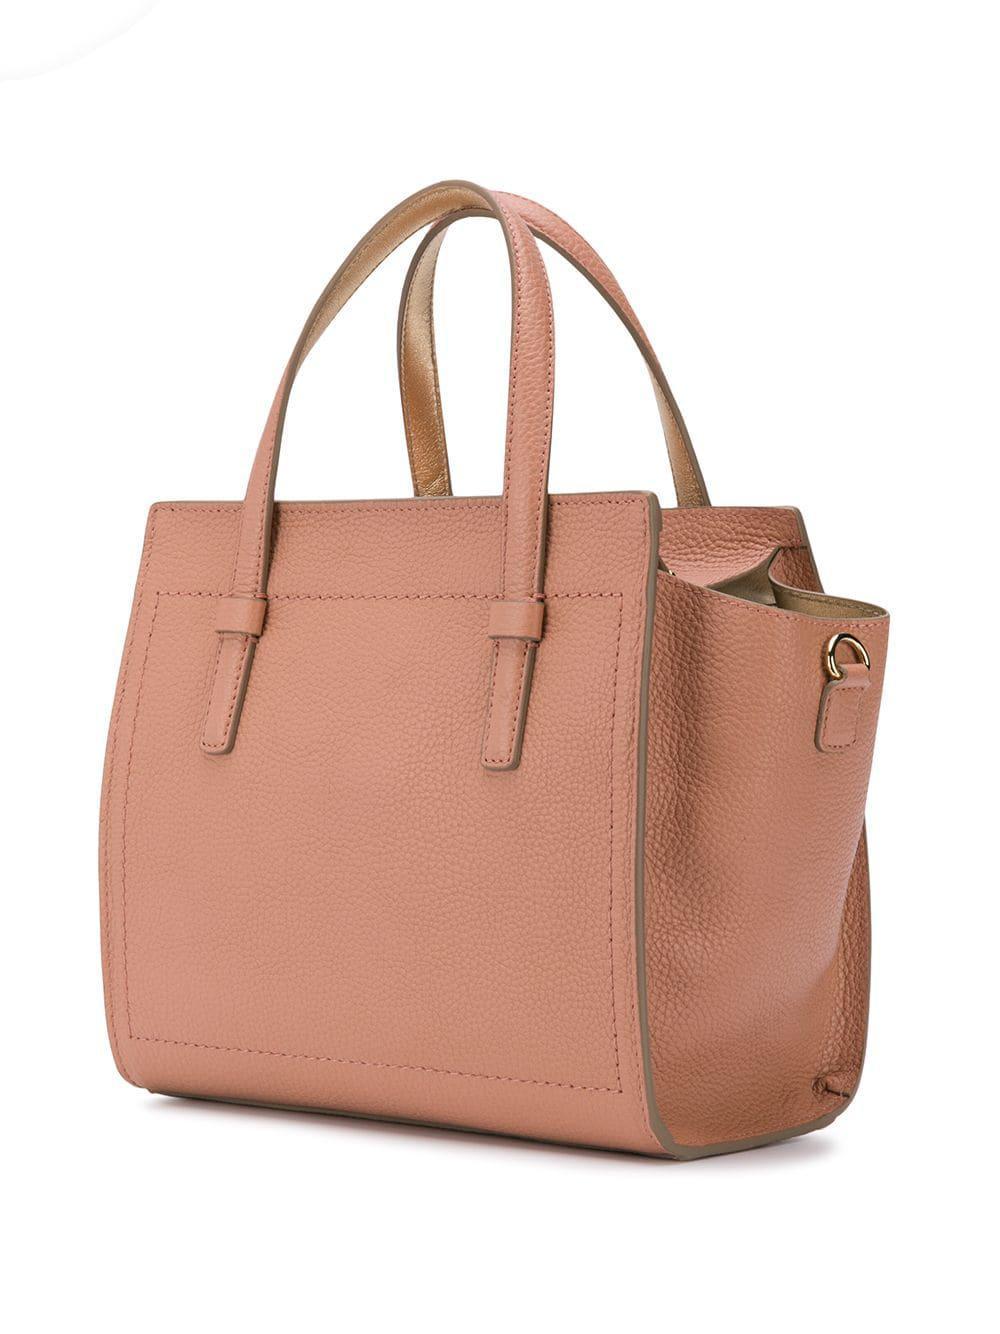 Ferragamo - Pink Xs Shopping Tote Bag - Lyst. View fullscreen 6f93f9550823f